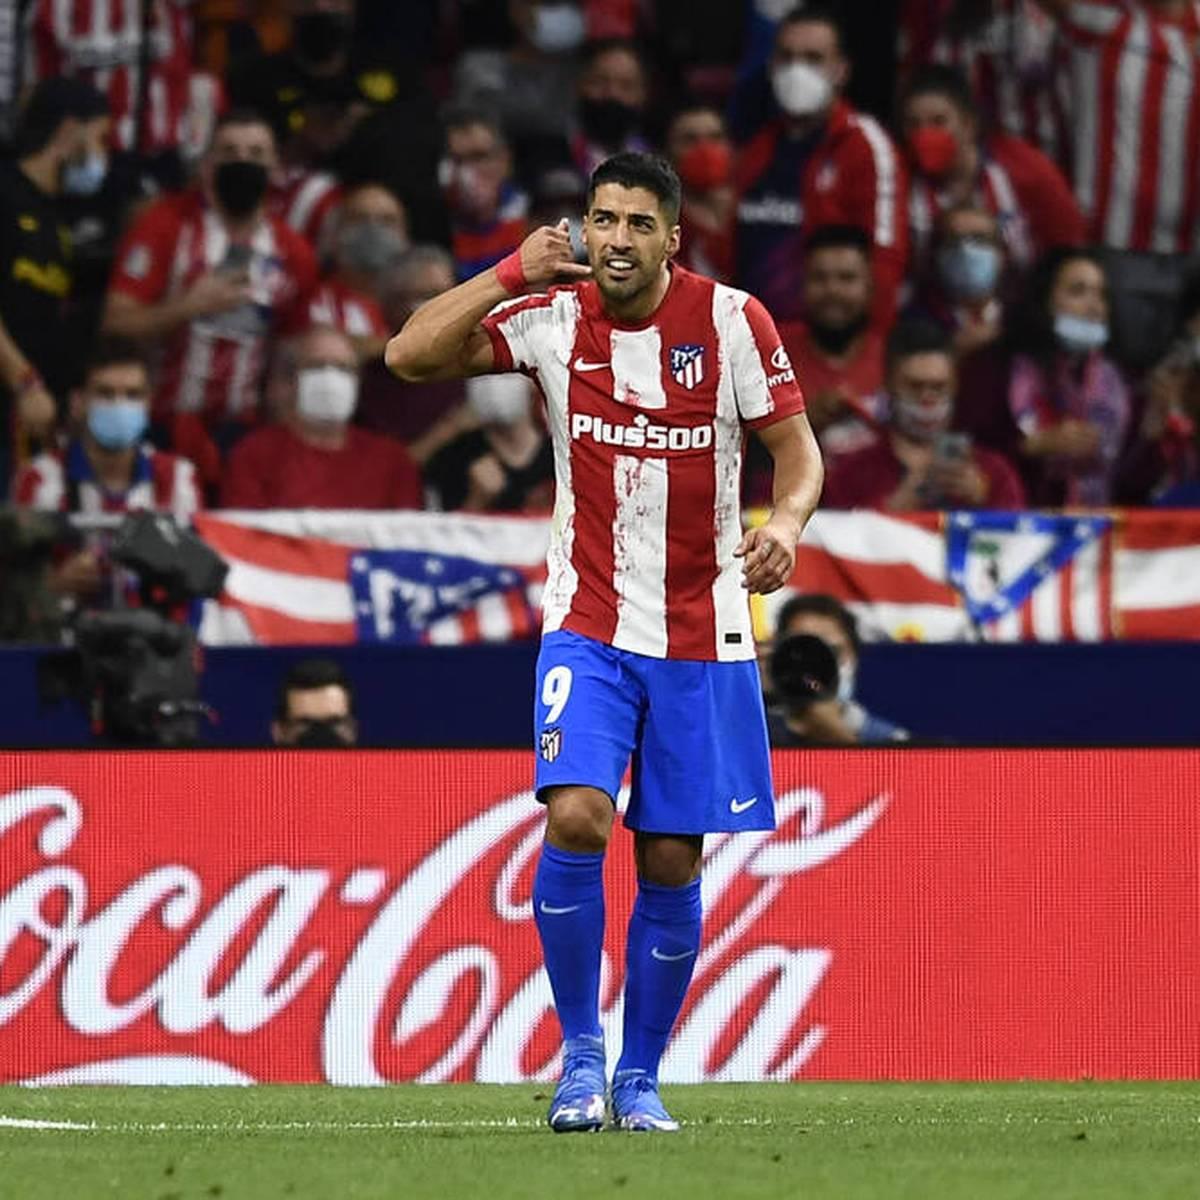 Von Suarez verhöhnt: Ist Barca mit Koeman noch zu retten?